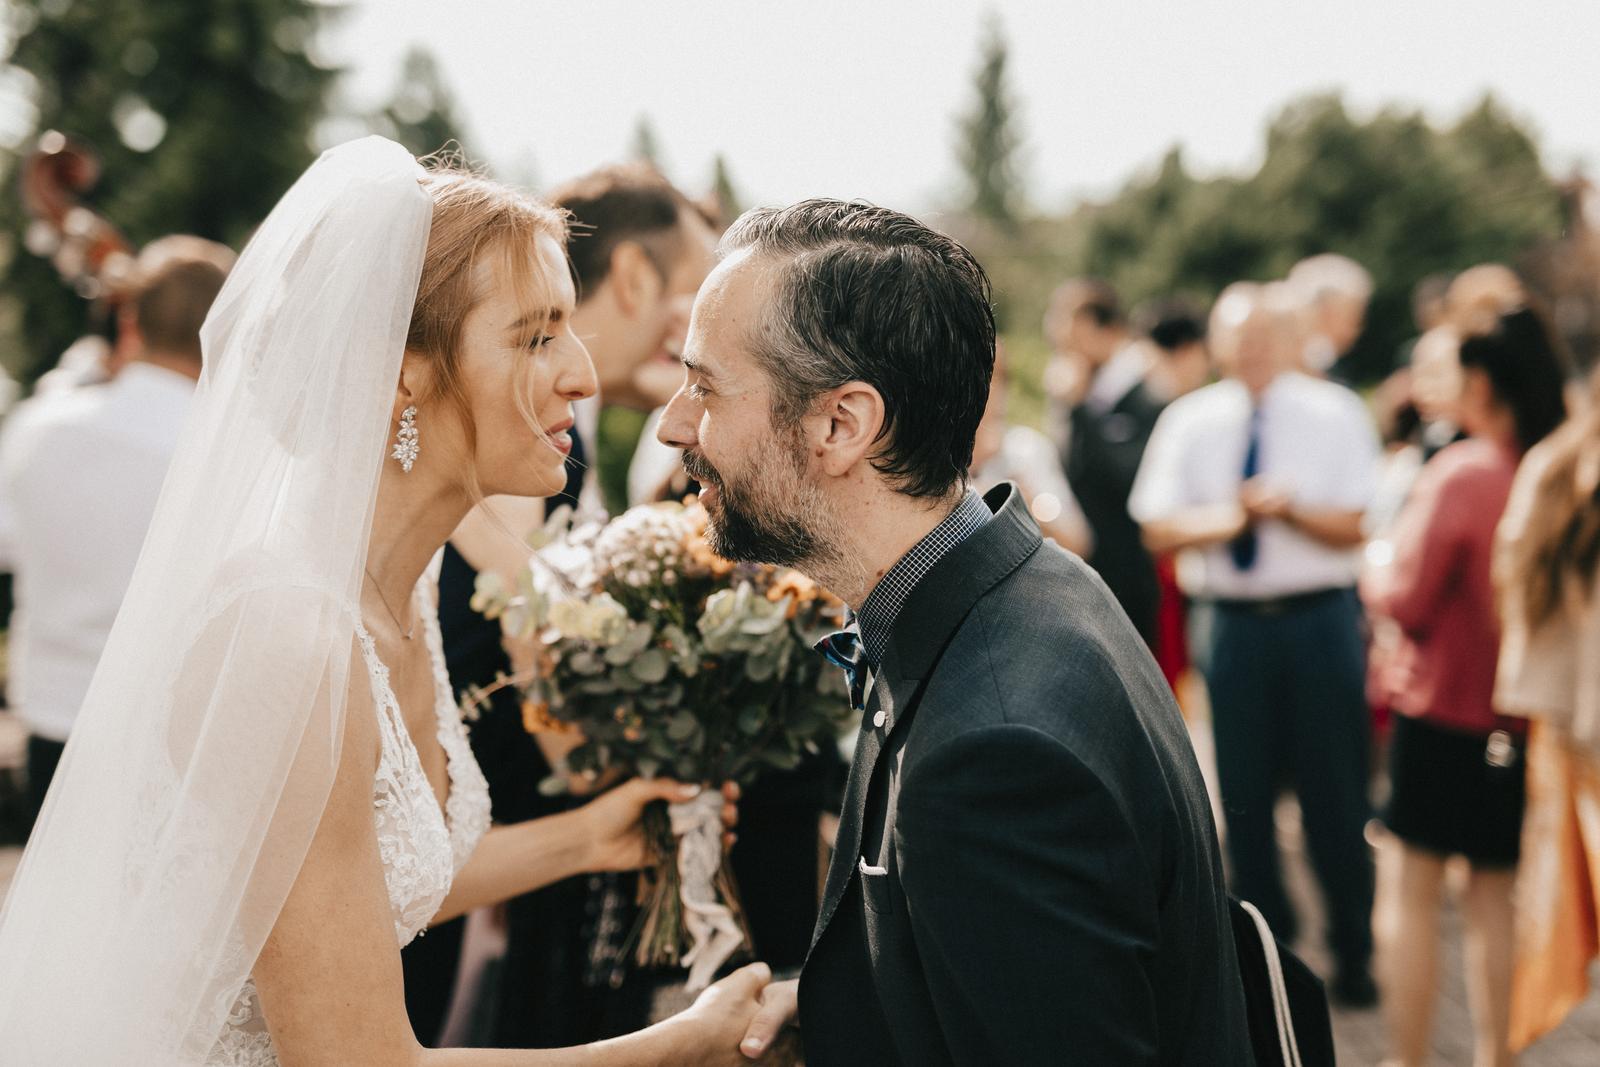 Tento rok sme aj my boli na jednej krásnej svadbe mojej spolužiačky Aničky a jej francúzskeho manžela Thierryho. Svadba sa konala na Sliači v Golf Resort Tri duby a bola skvelá :) Pilo sa slovenské aj francúzske víno, nechýbali slovenské zvyky a tradície, a aj môjmu španielskemu Tonymu sa veľmi páčili. Najmä čepčenie a cimbalovka boli super. Sobáš bol v katolíckom kostole na Sliači. Čoskoro s Aničkou pripravím aj rozhovor a bude aj viac fotiek! - Obrázok č. 3